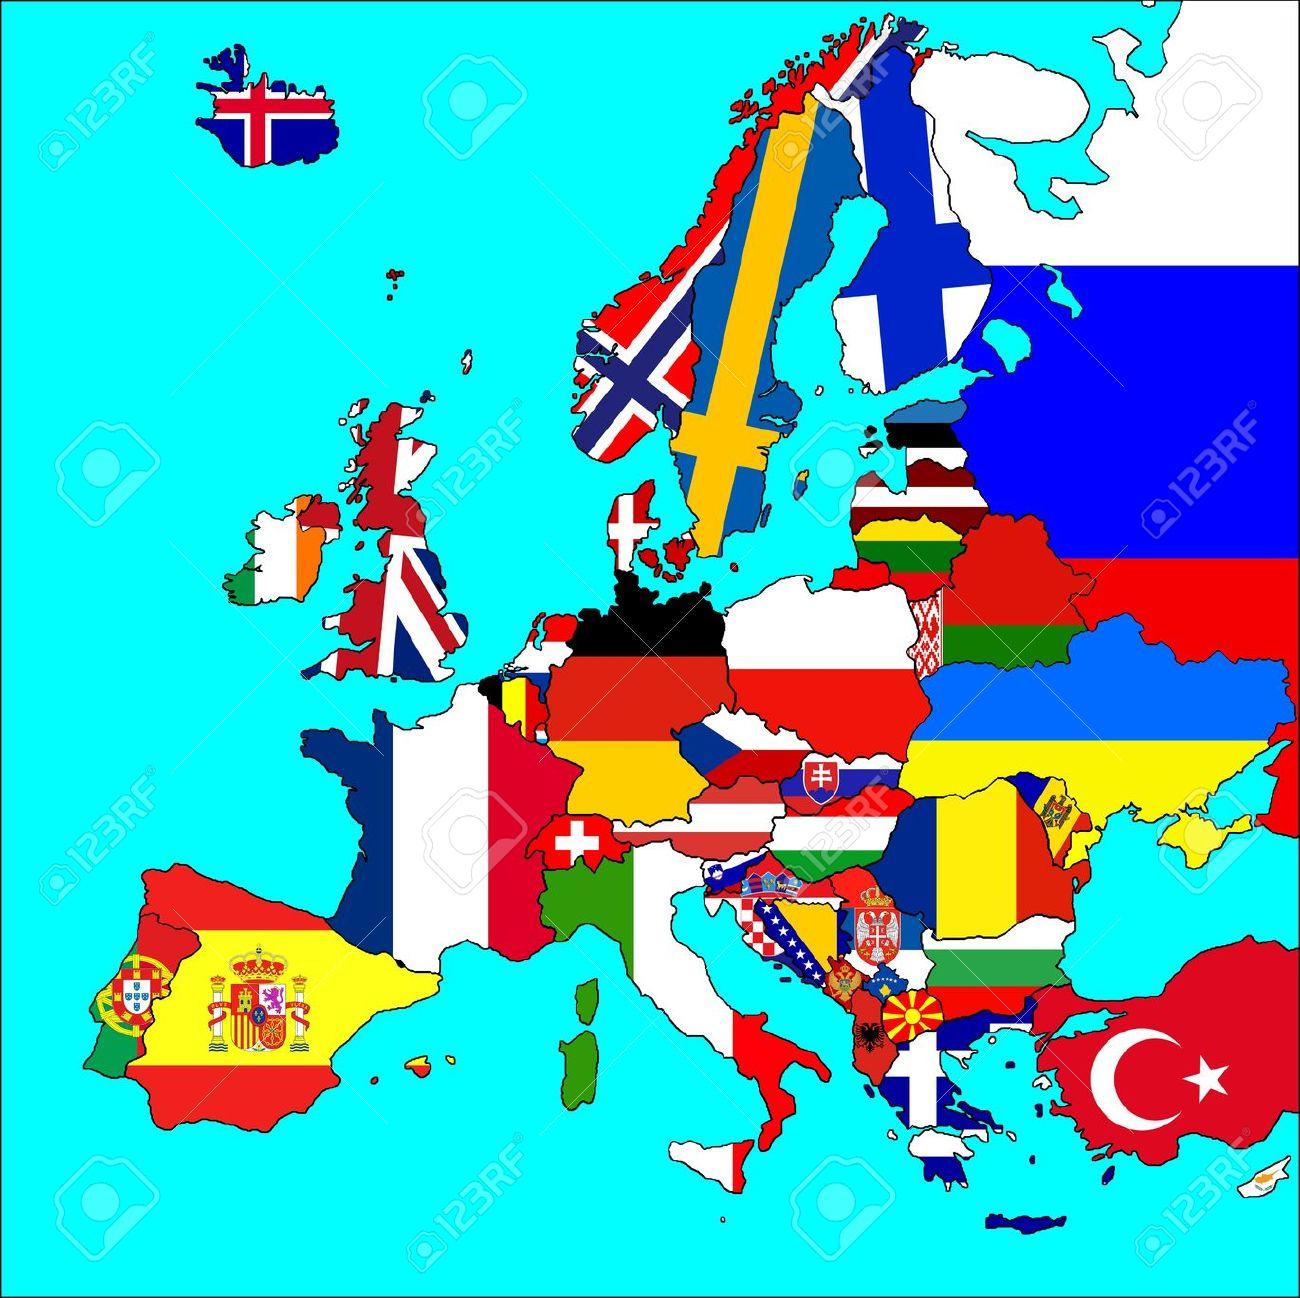 Une Carte De L'europe Avec Toutes Les Frontières Et Les Drapeaux Des Pays  Représentés. serapportantà Carte D Europe Avec Pays